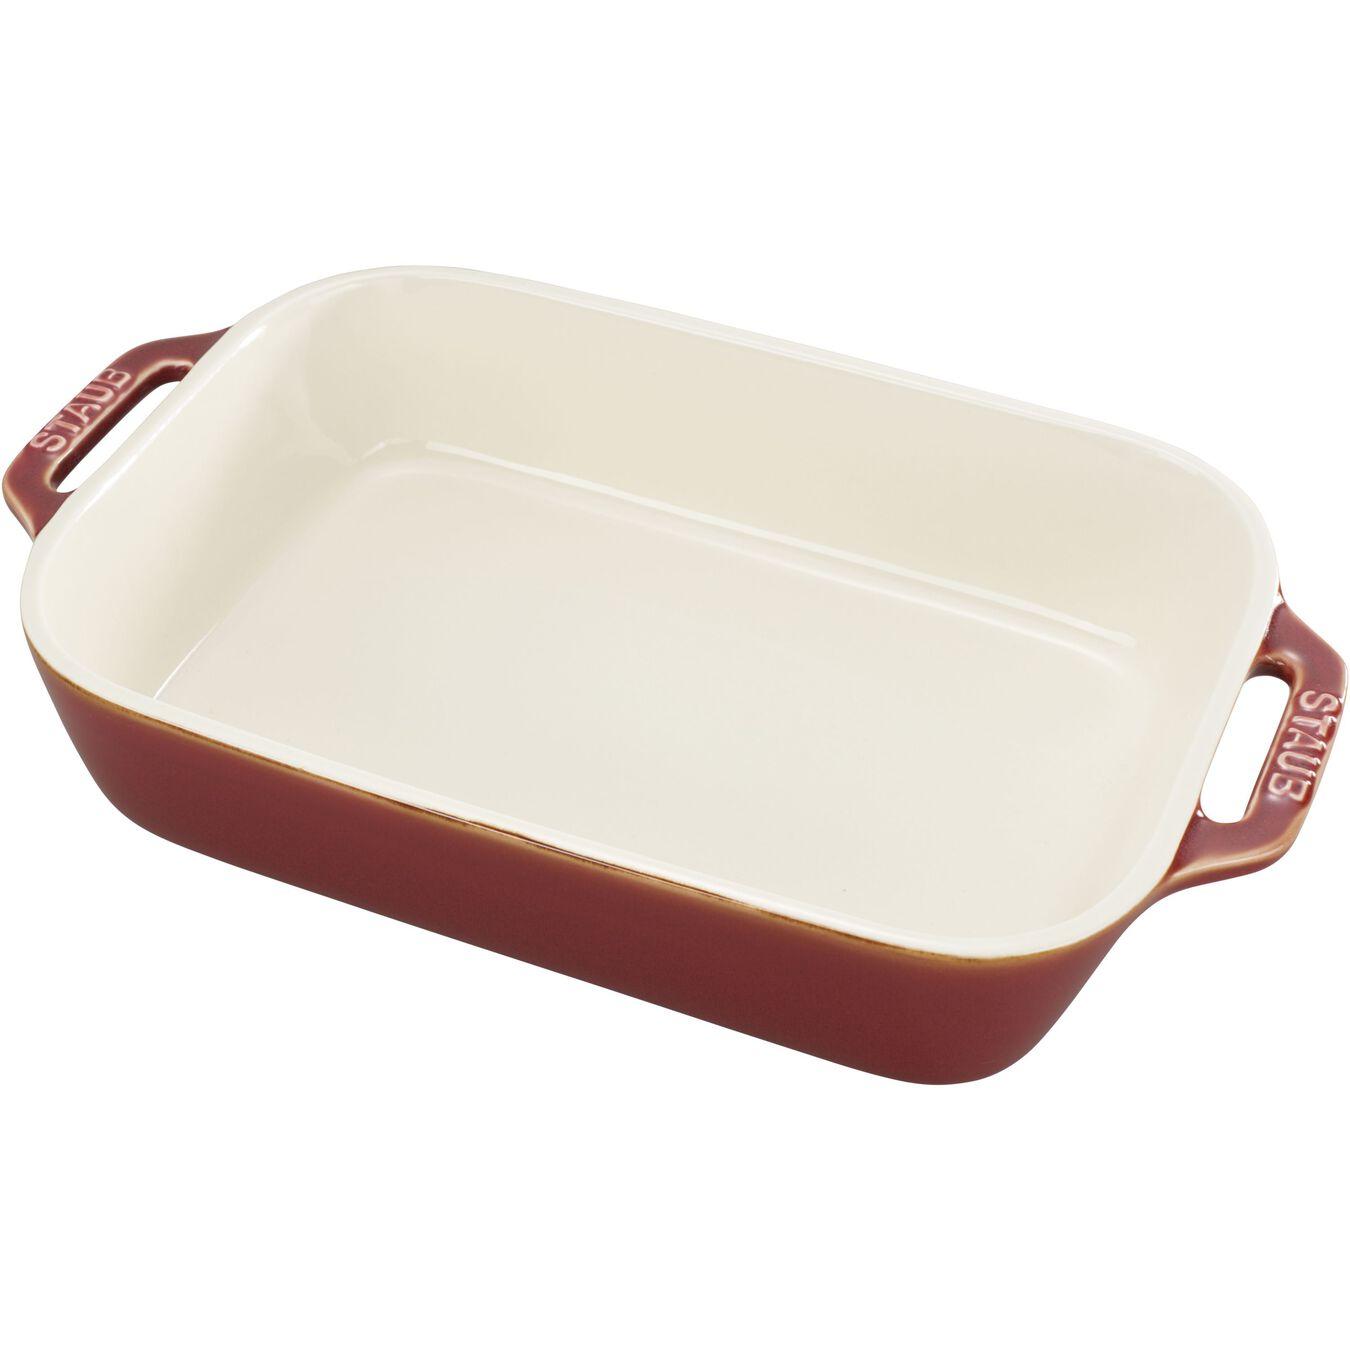 Ceramic rectangular Oven dish, Ancient-Copper,,large 2